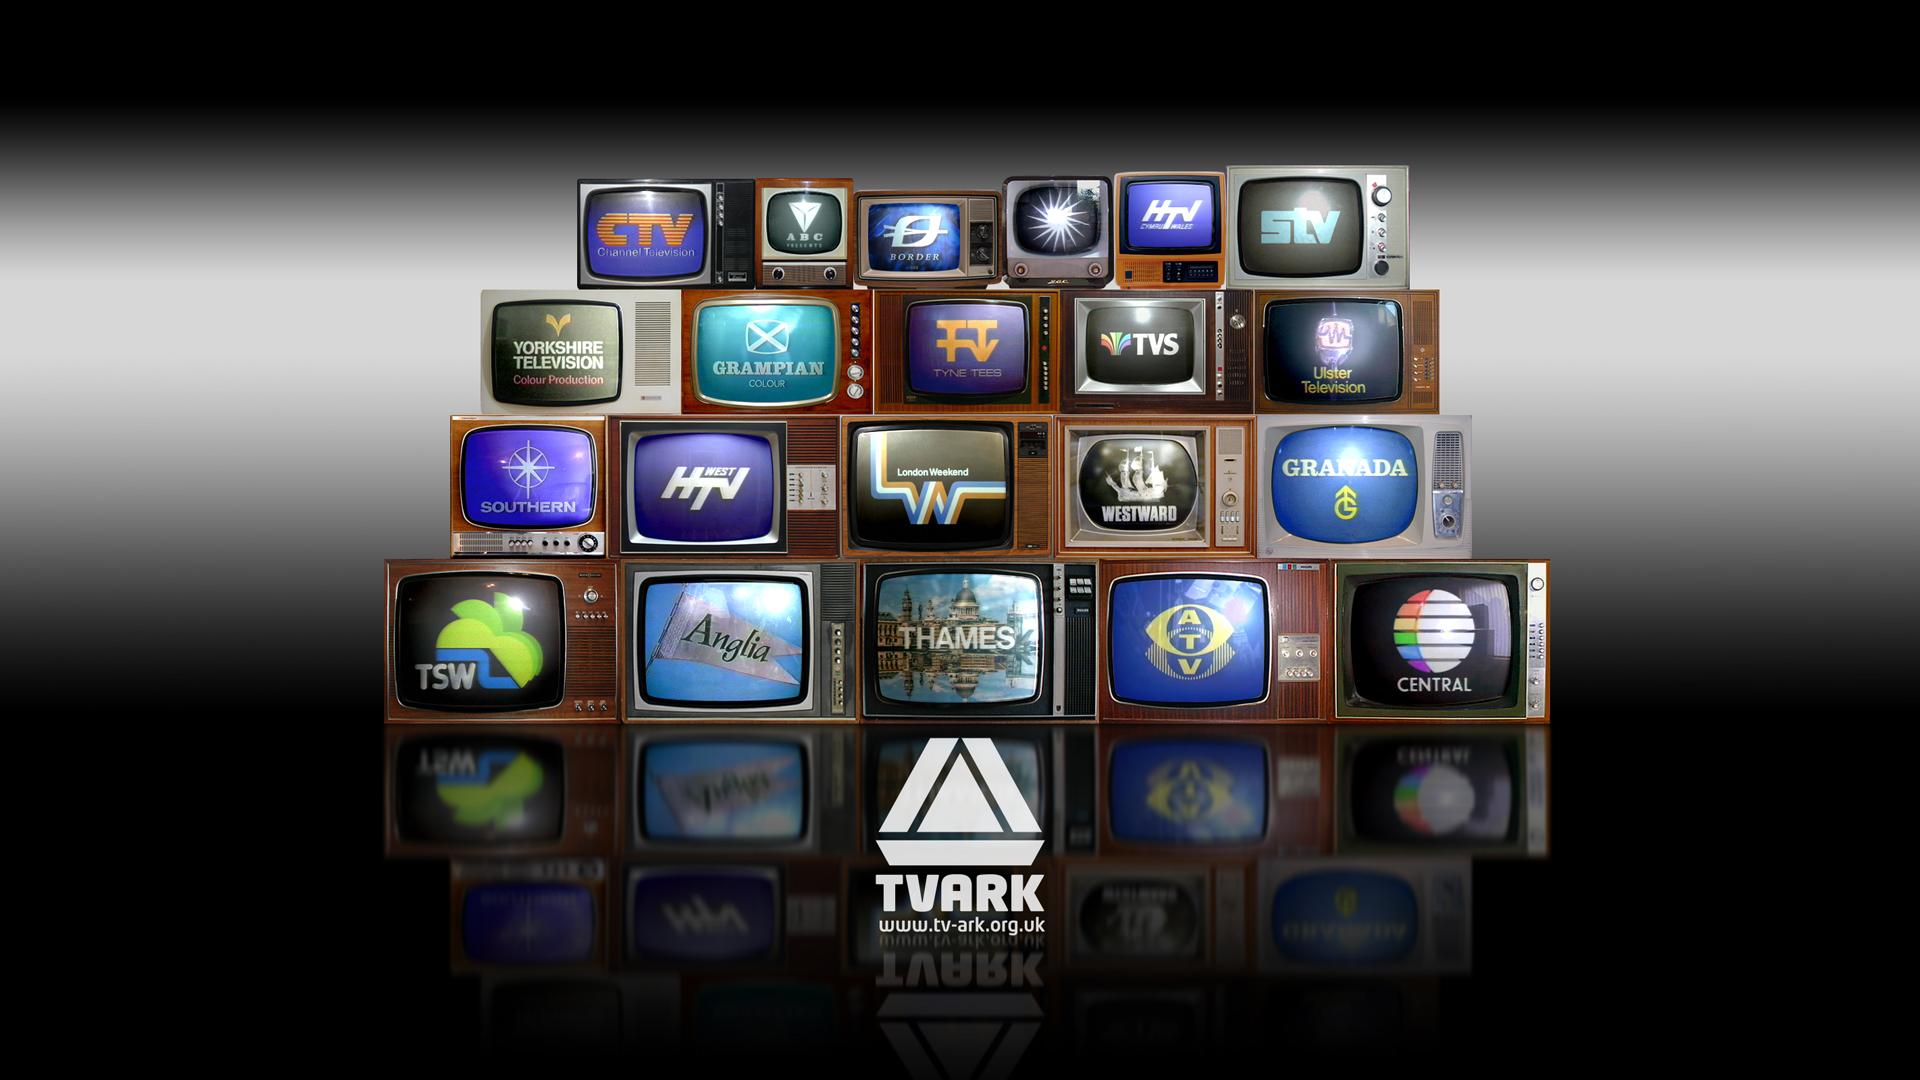 Radika Tv Serial Hd Wallpapers: WallpaperSafari